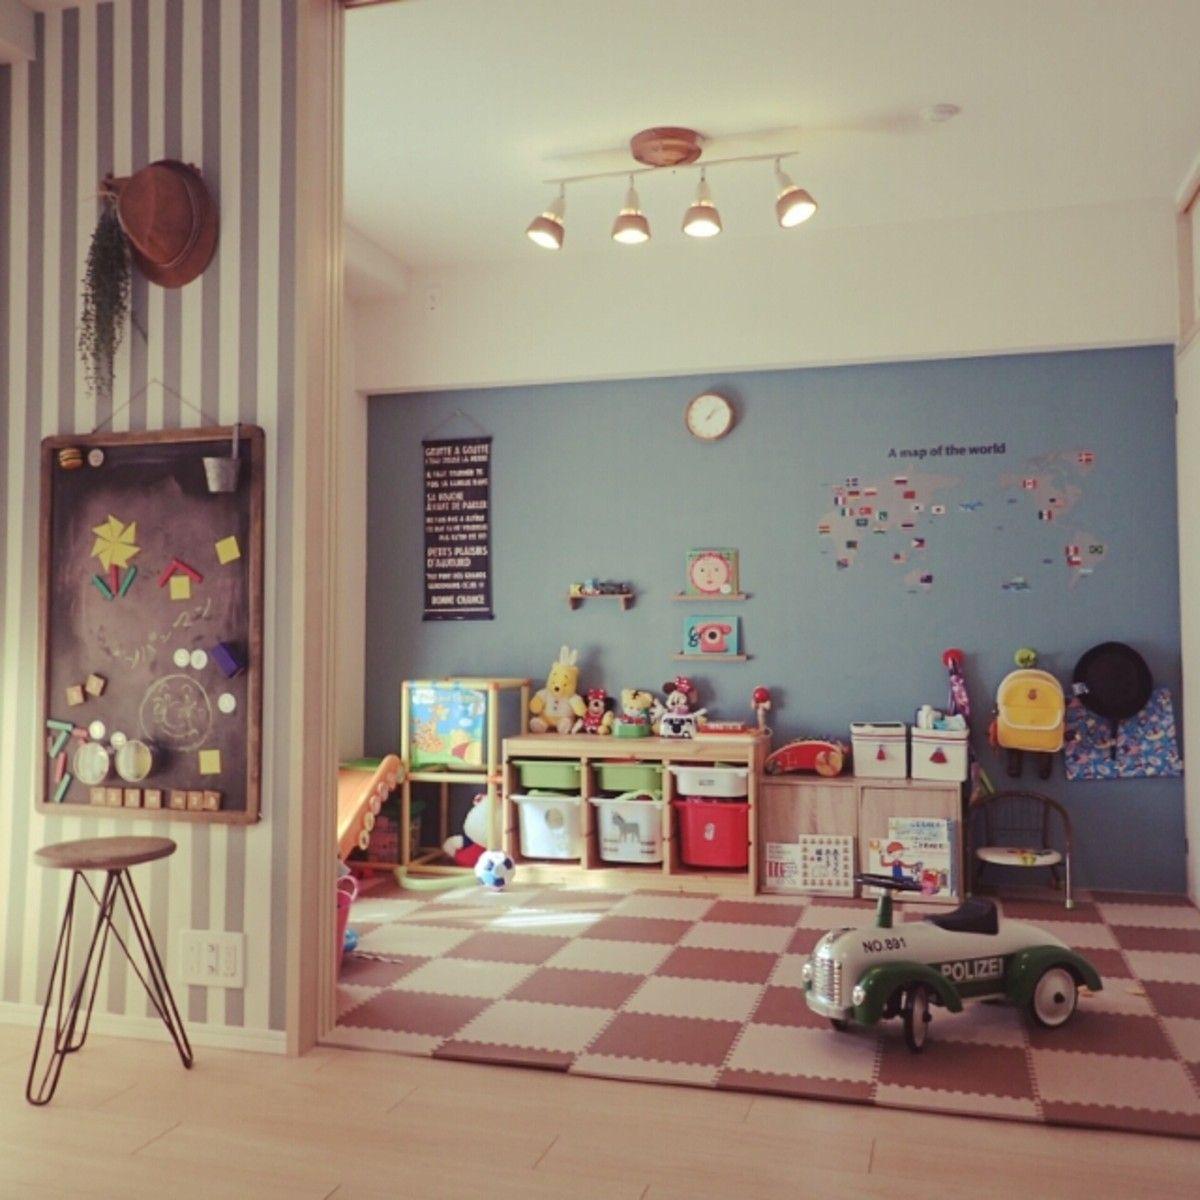 和室子供部屋のアレンジアイデア10選 おしゃれなインテリアを使って